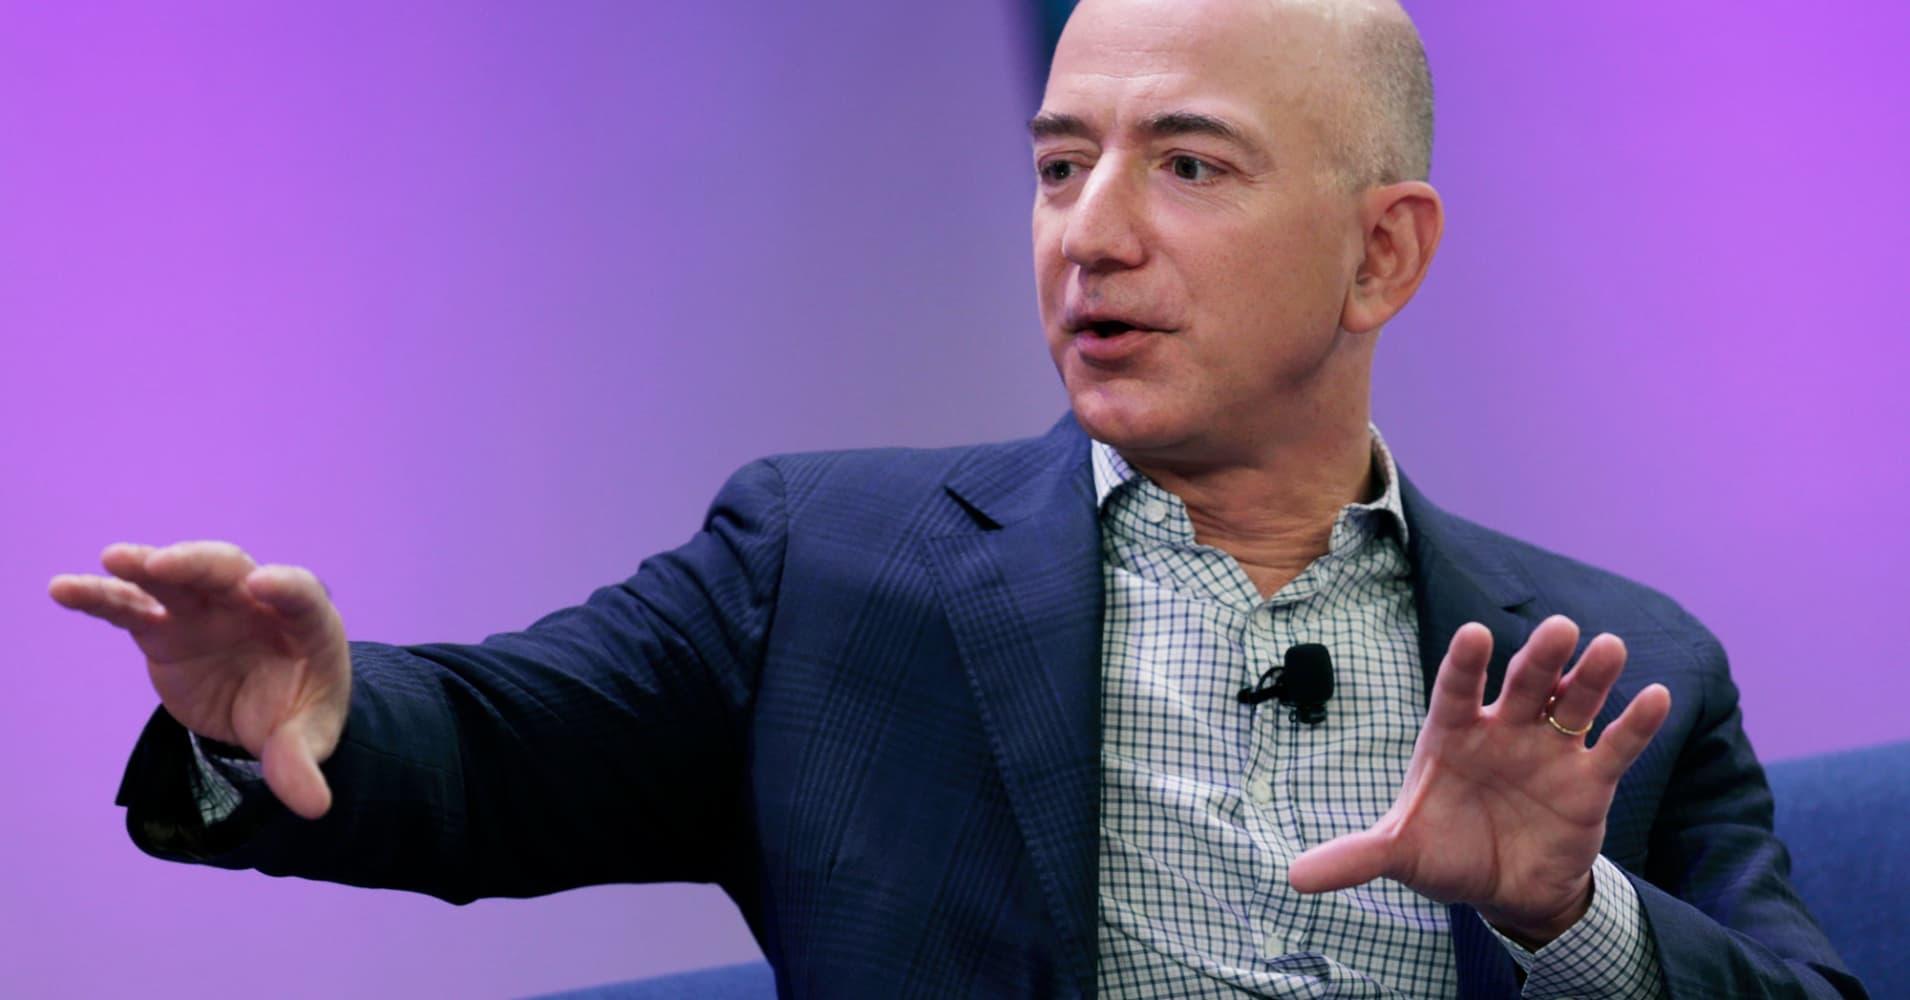 Alexandria Ocasio-Cortez and New York Democrats criticize Amazon HQ2